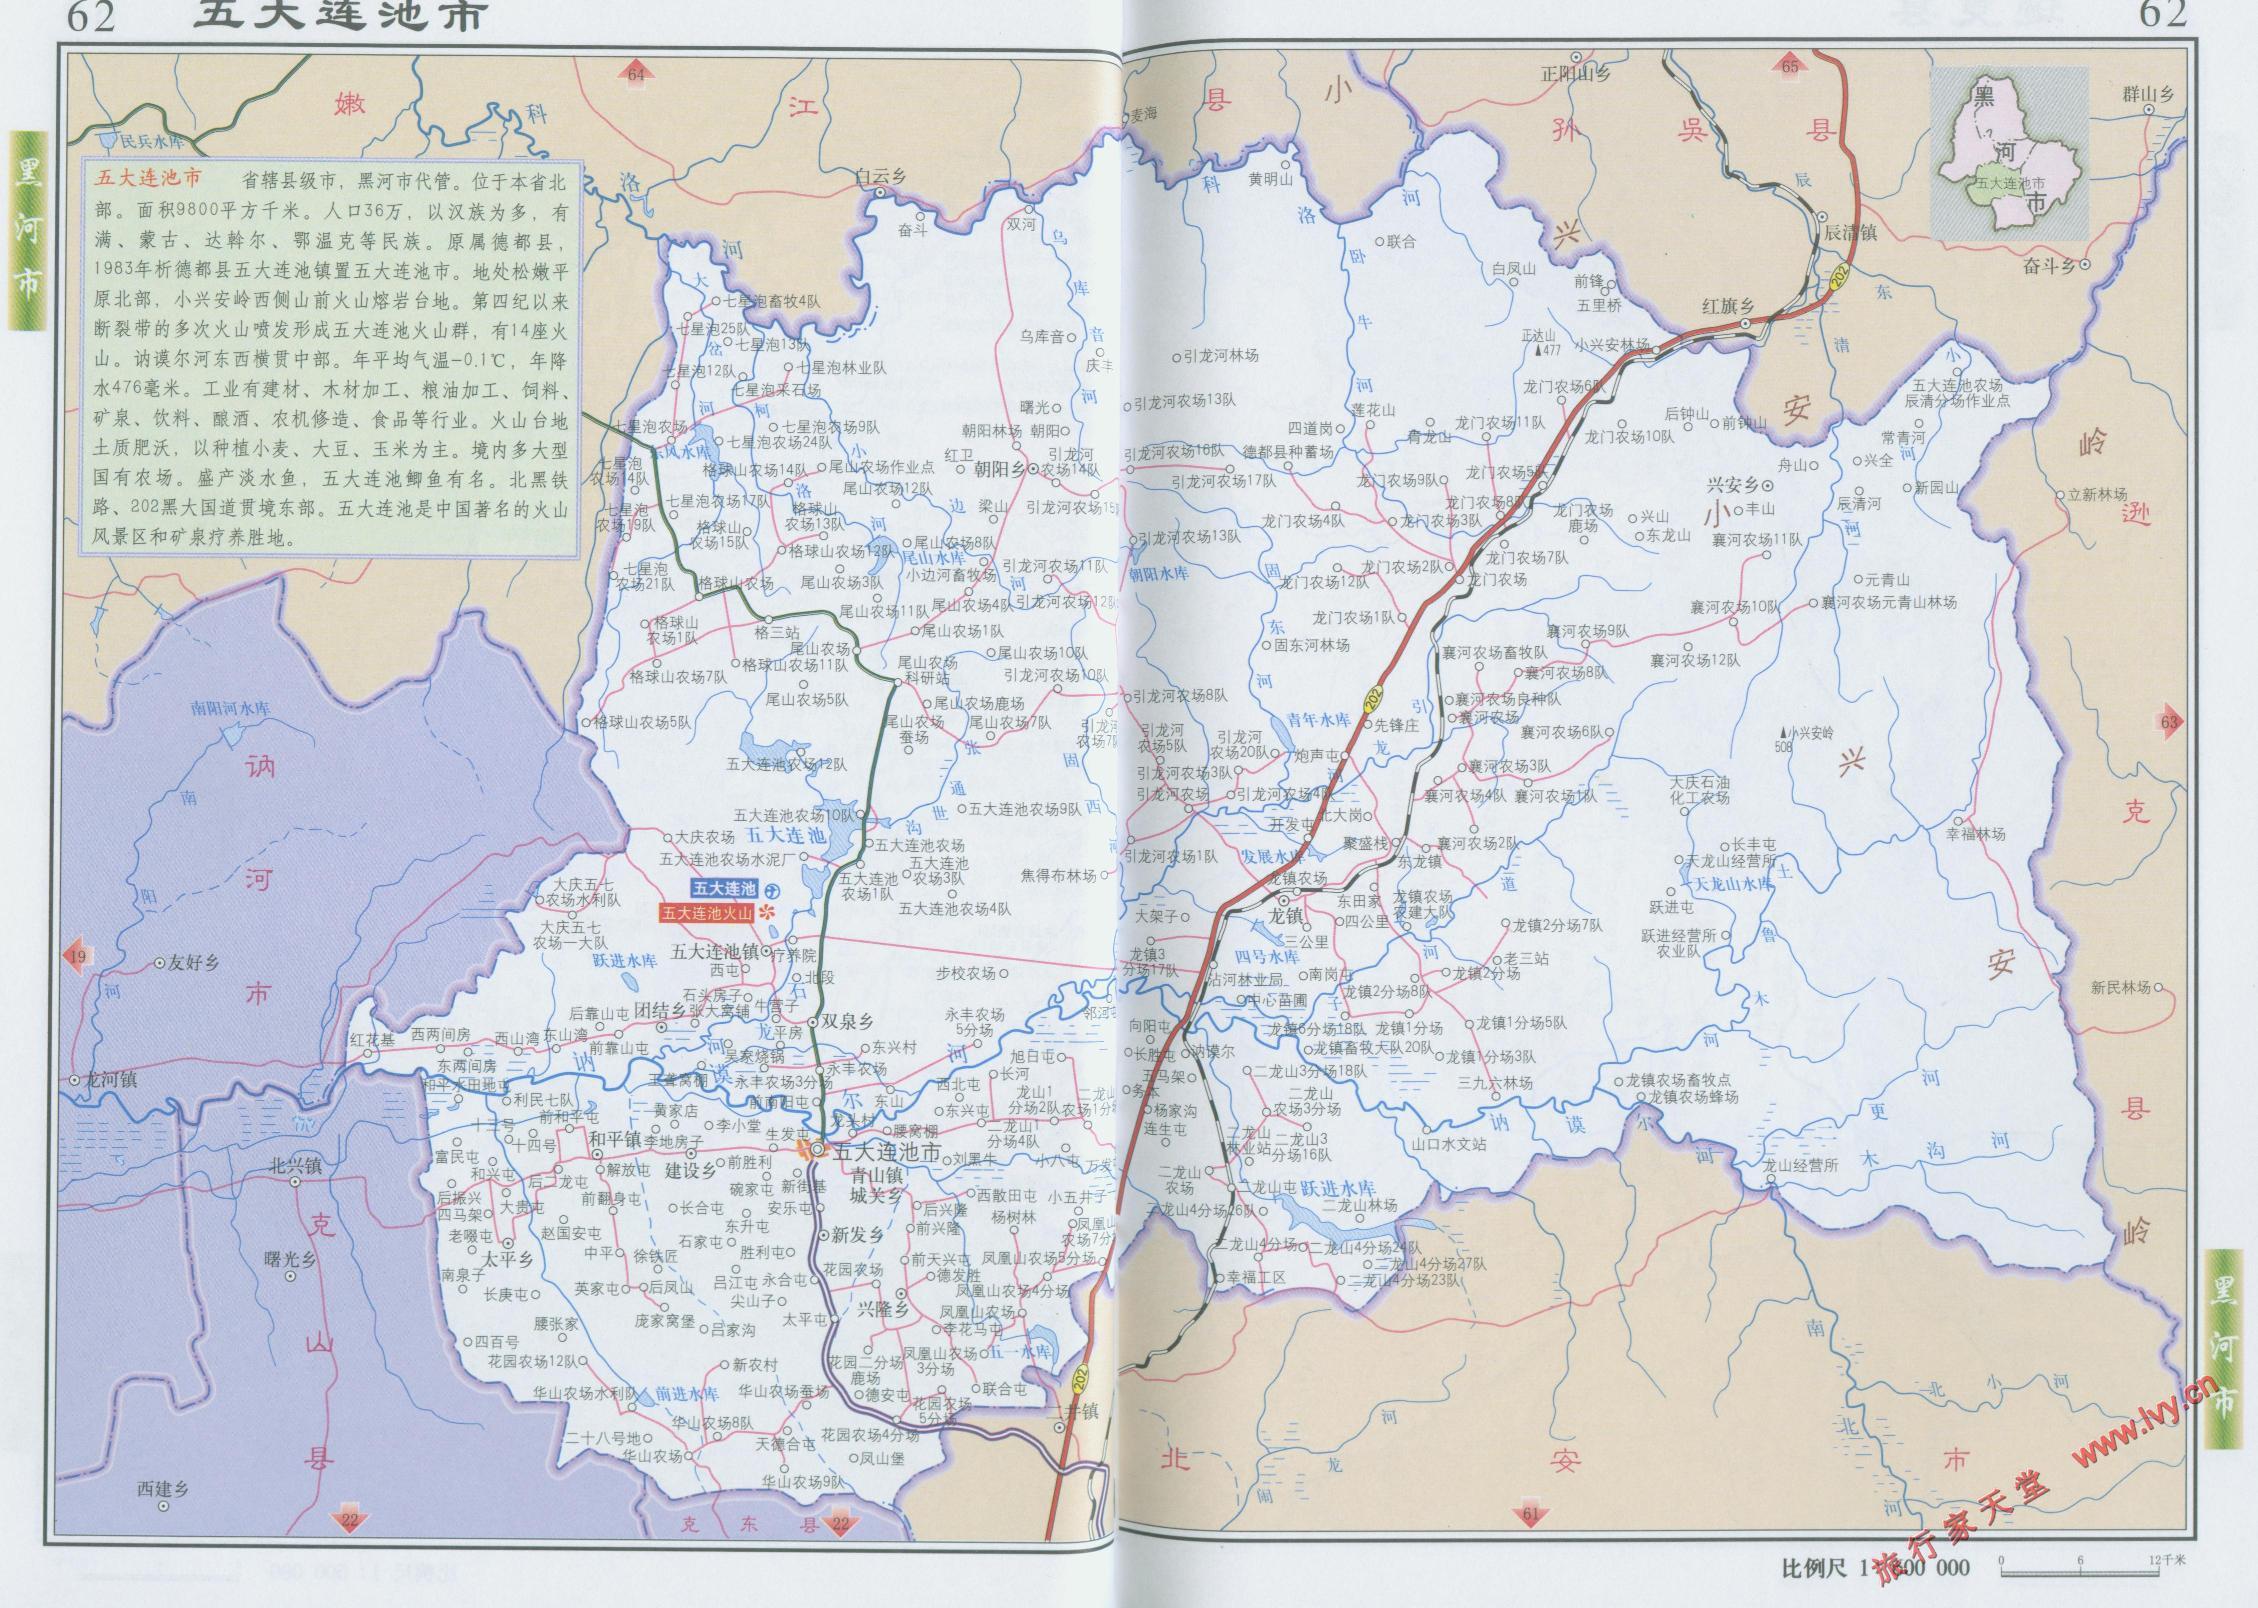 五大连池市地图_黑河地图查询